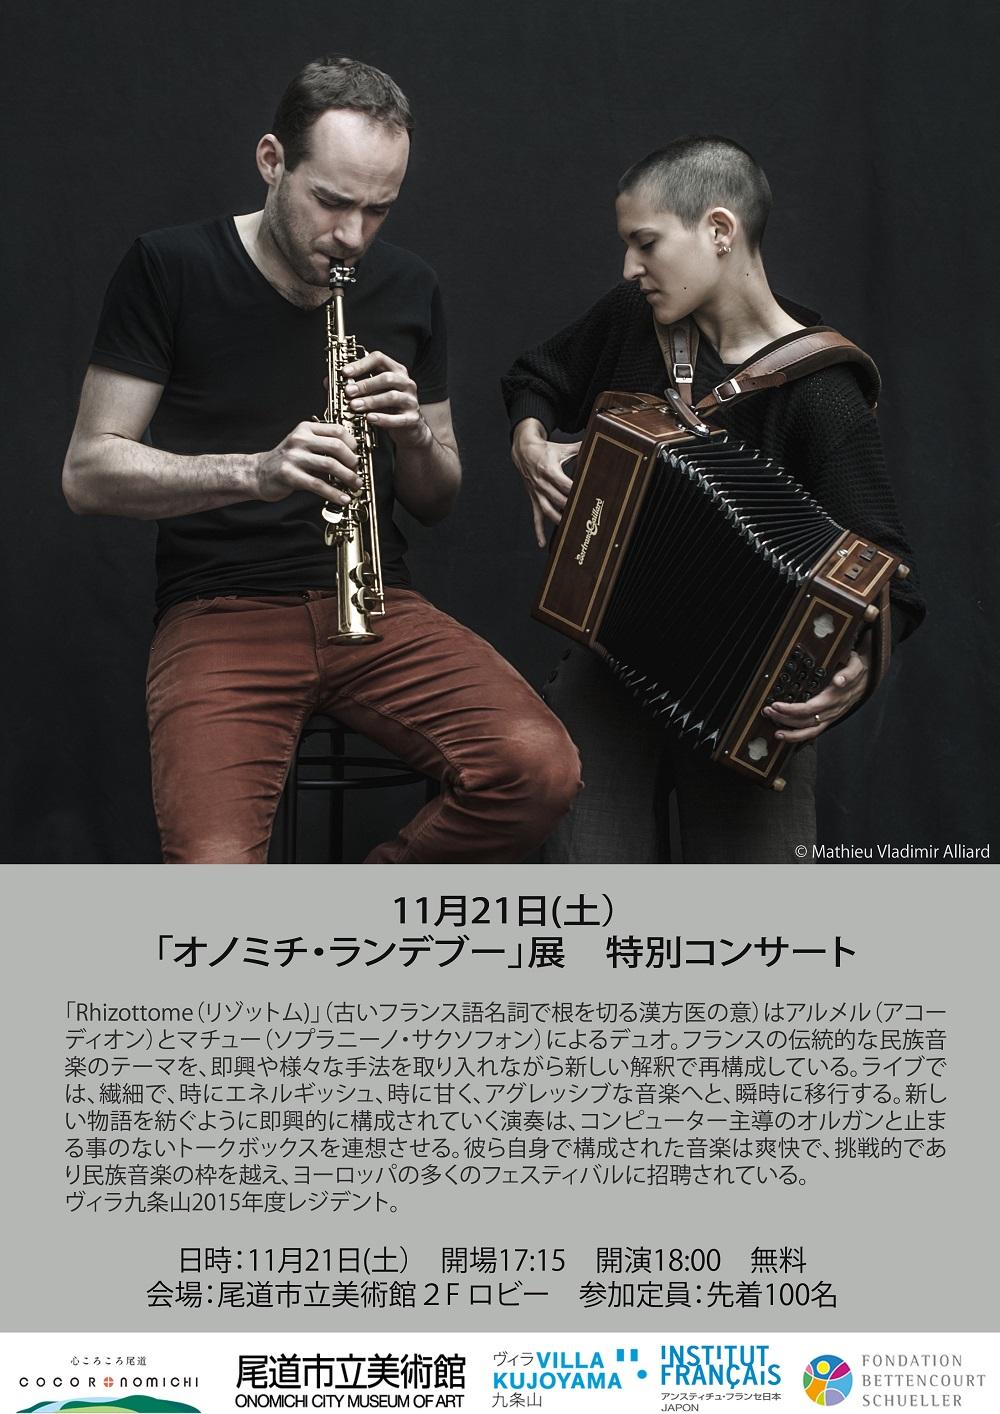 展覧会開催記念 特別コンサート